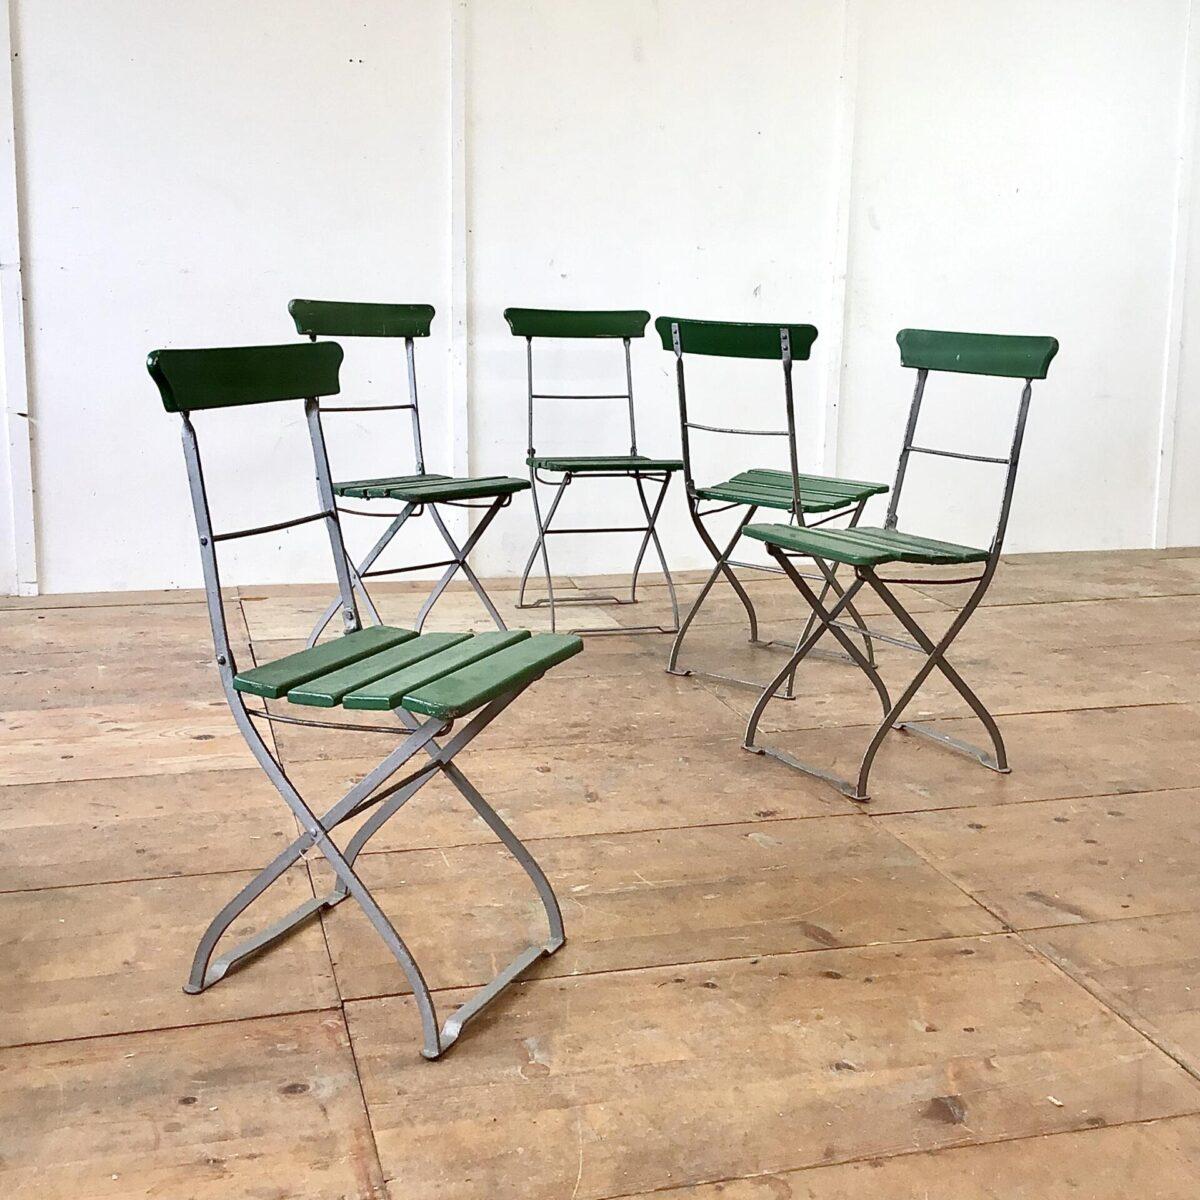 Deuxieme.shop Vintage Stühle. 5 alte Biergartenstühle klappbar. Preis pro Stuhl. Farbe teilweise schon etwas abgenutzt, die Holzlatten sind jedoch in gesundem guten Zustand.